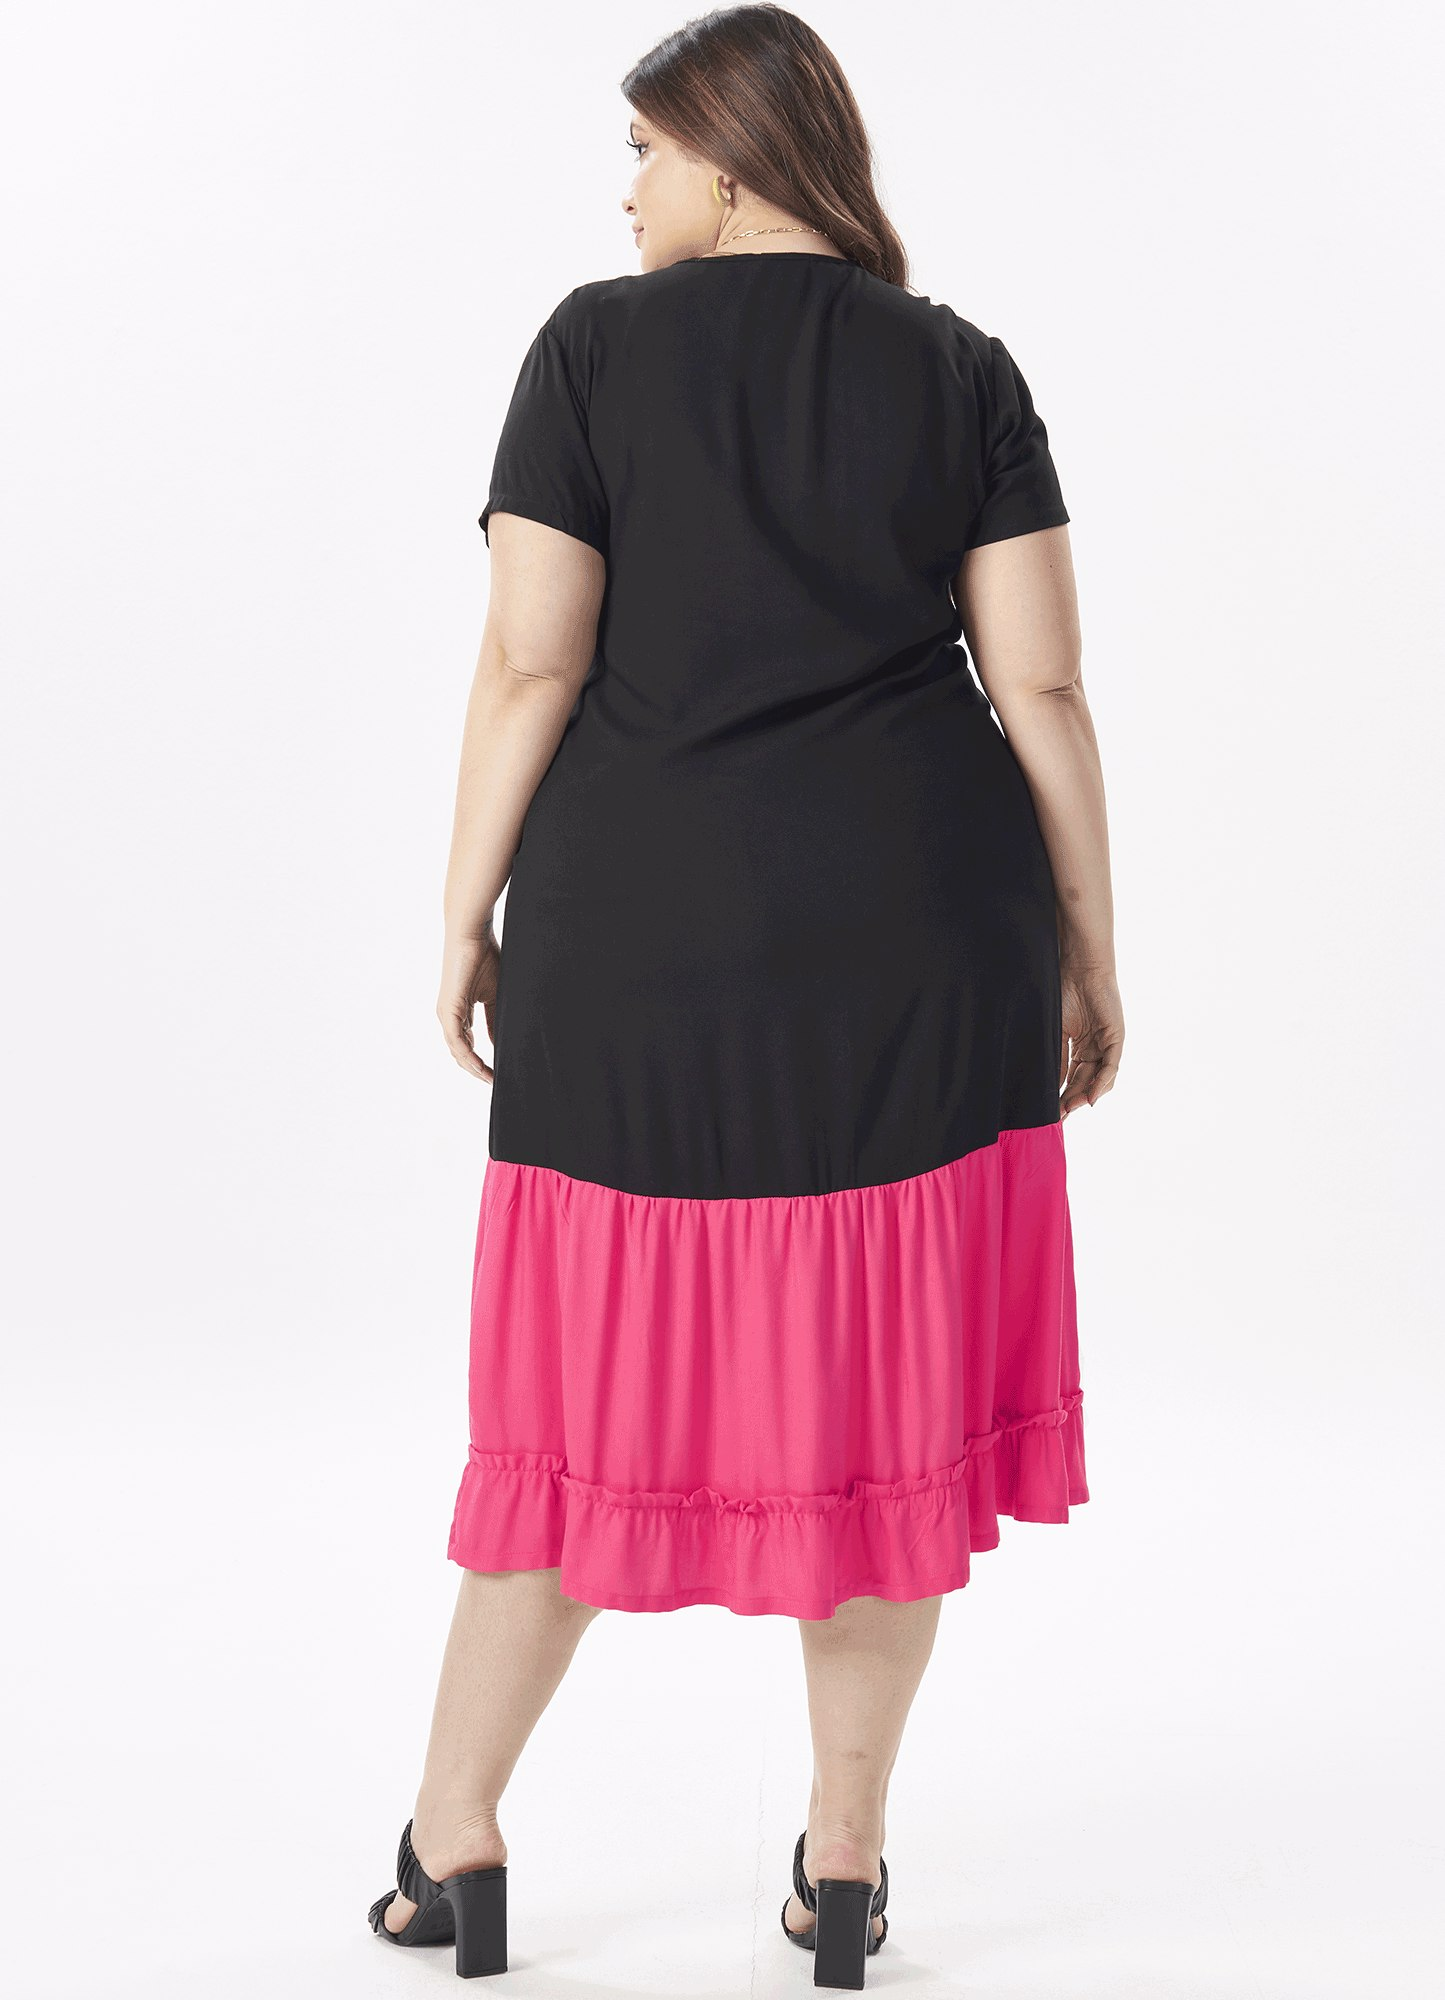 Vestido Feminino Tecido Com Barrado Pink Decote em V